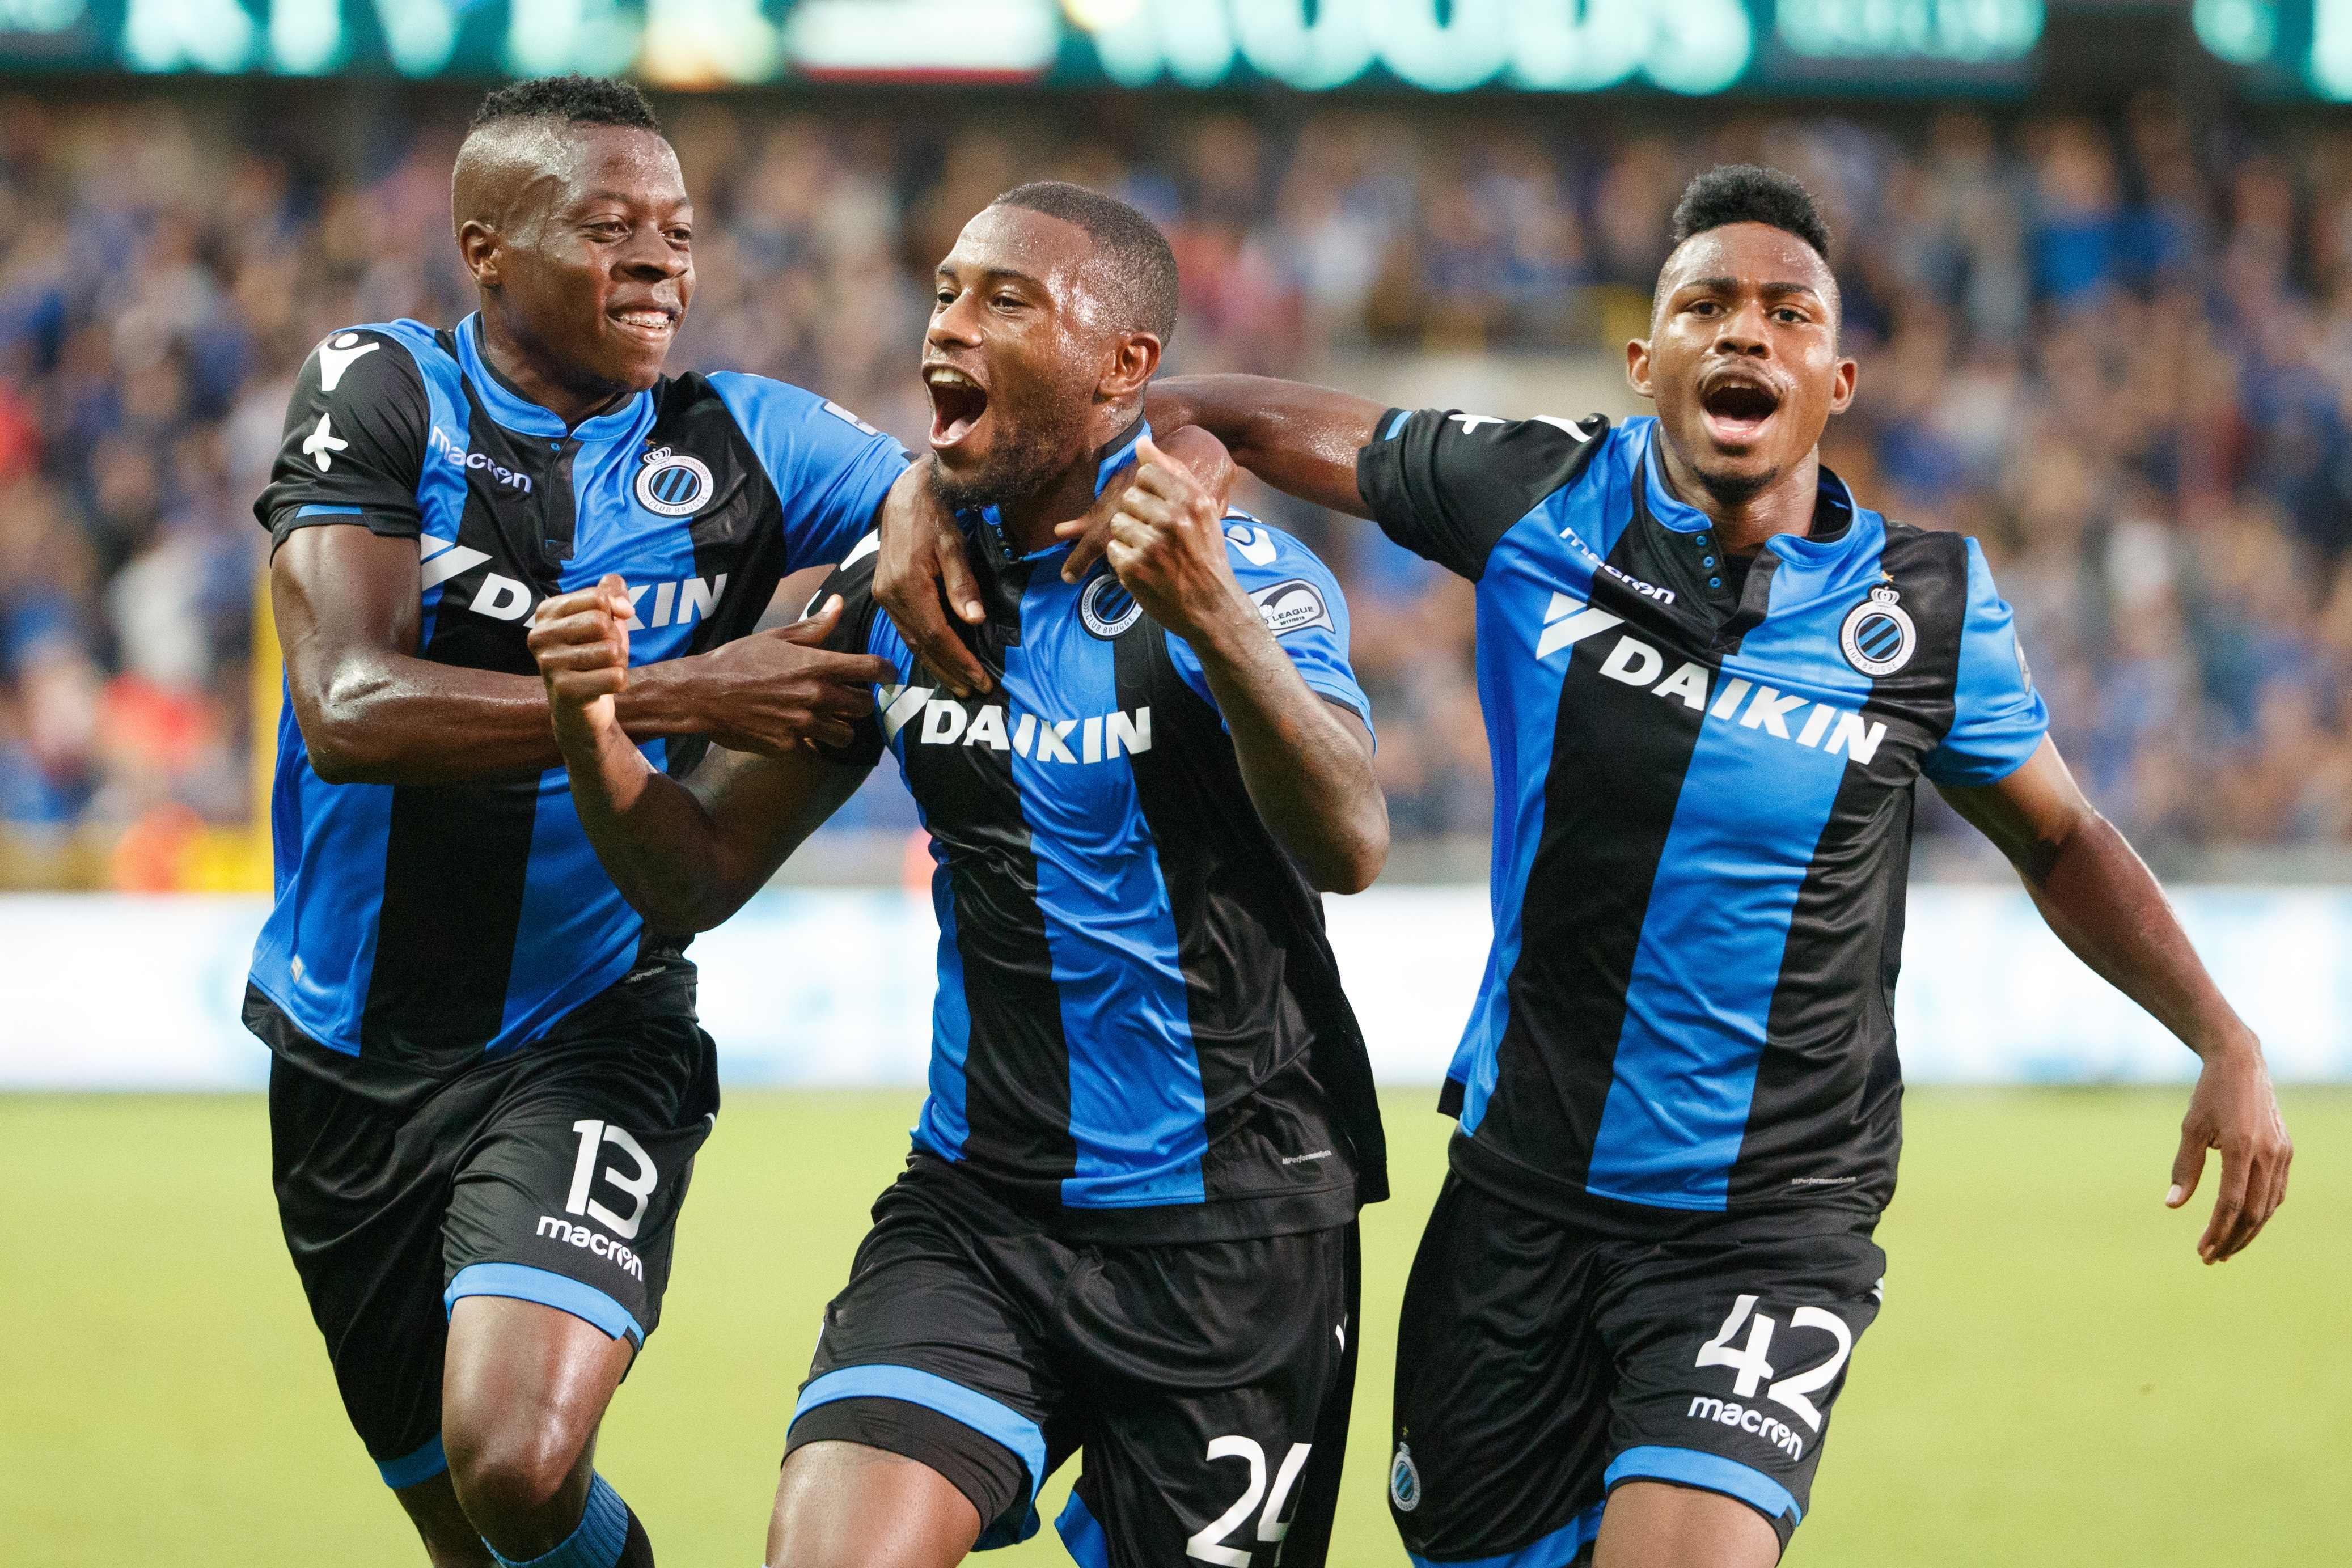 Lokeren Club Brugge Maçı İddaa Tahmini 29.07.2017